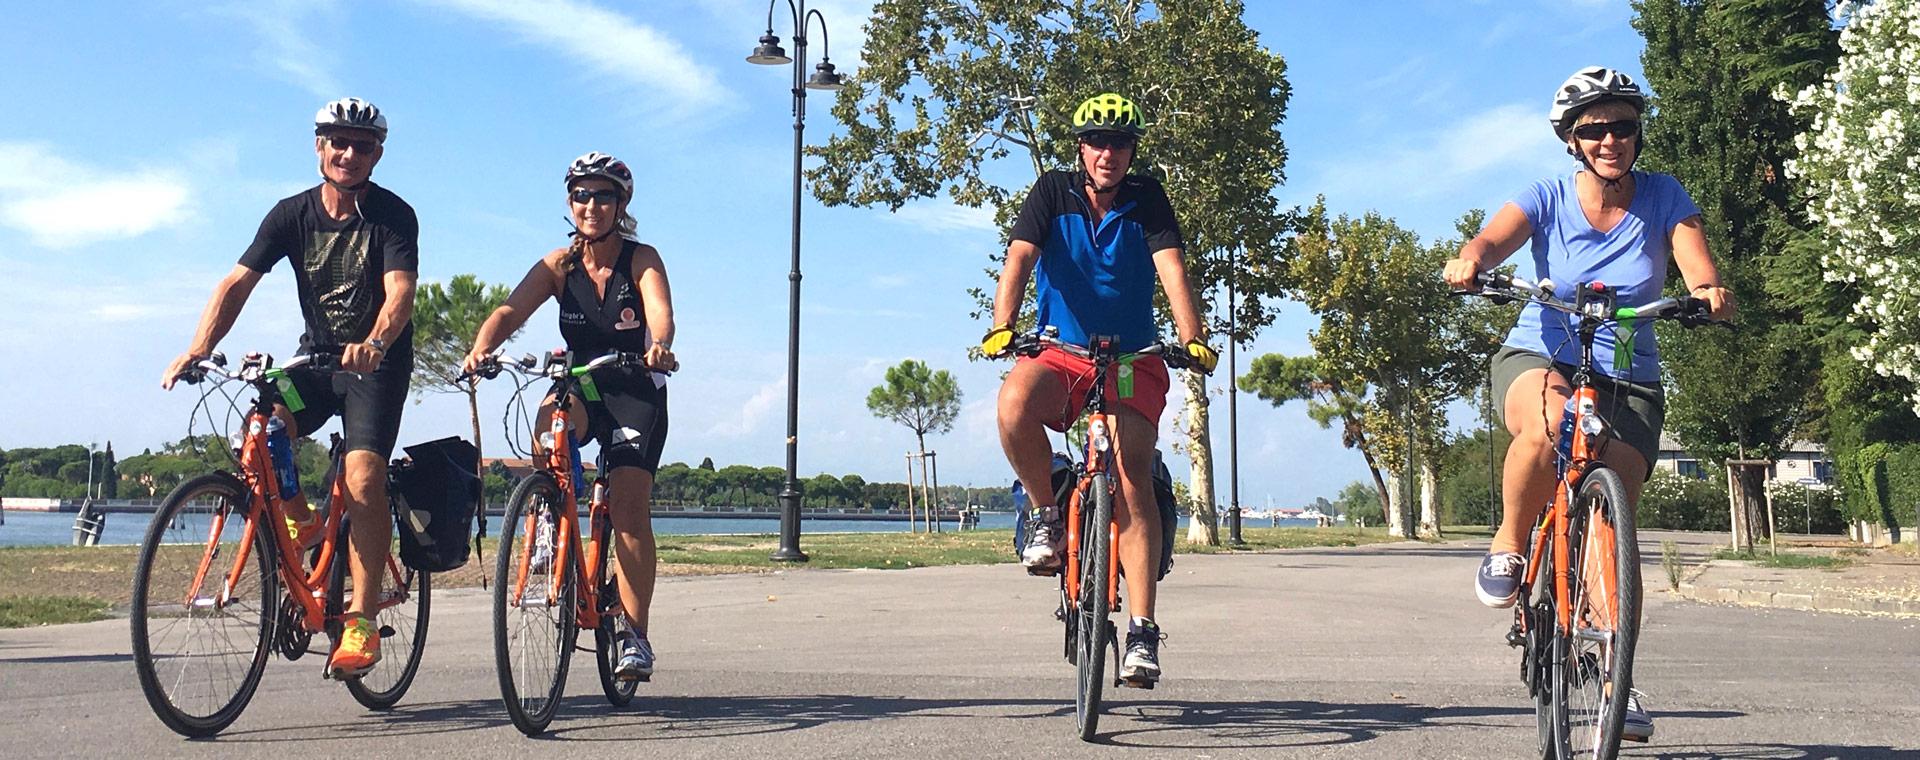 Image Le Pô de Venise à Mantoue, à vélo et bateau